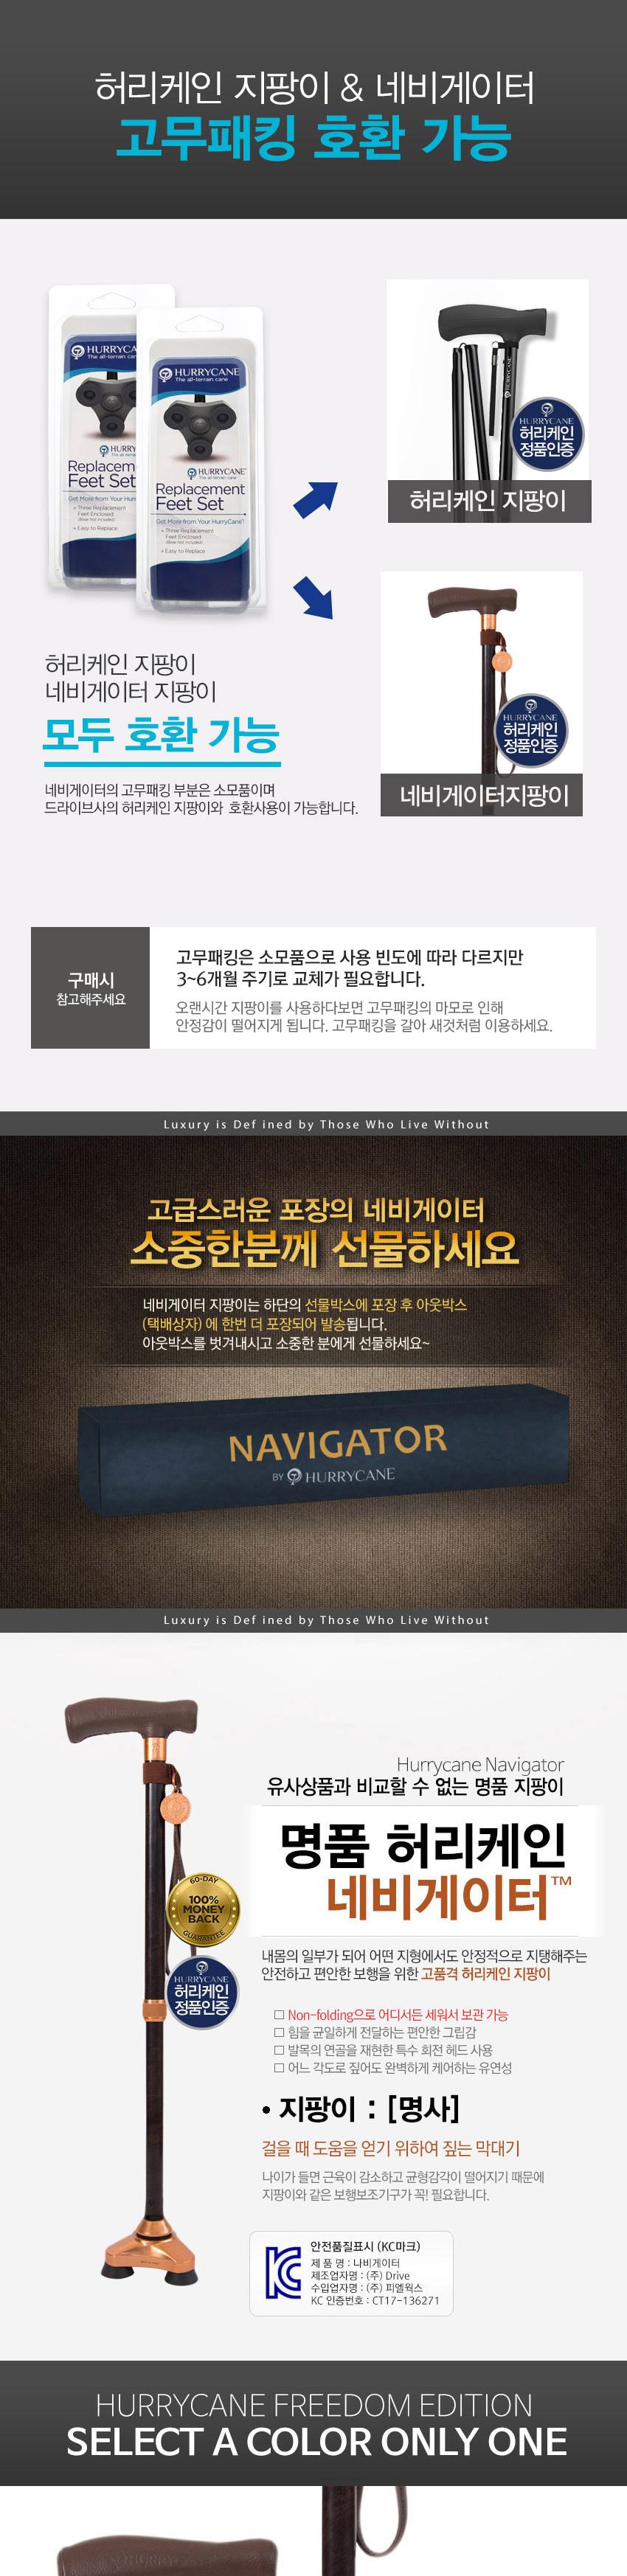 프리미엄 허리케인 네비게이터 지팡이 - 허리케인/드라이브, 179,000원, 생활잡화, 기타 잡화